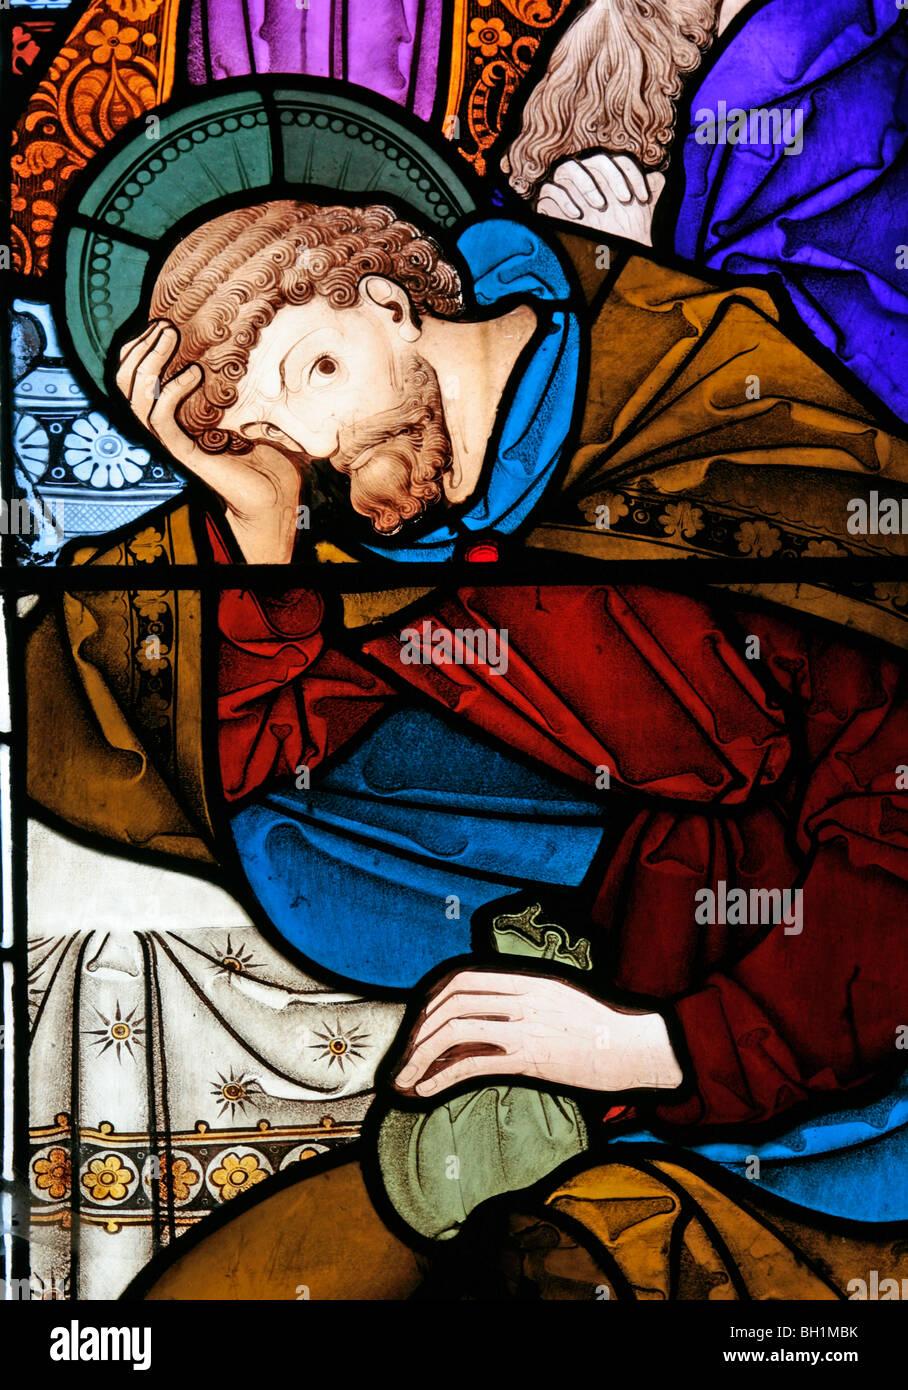 Una Vidriera Representando A Judas Iscariote En La última Cena La Iglesia De Todos Los Santos Allesley Coventry Fotografía De Stock Alamy